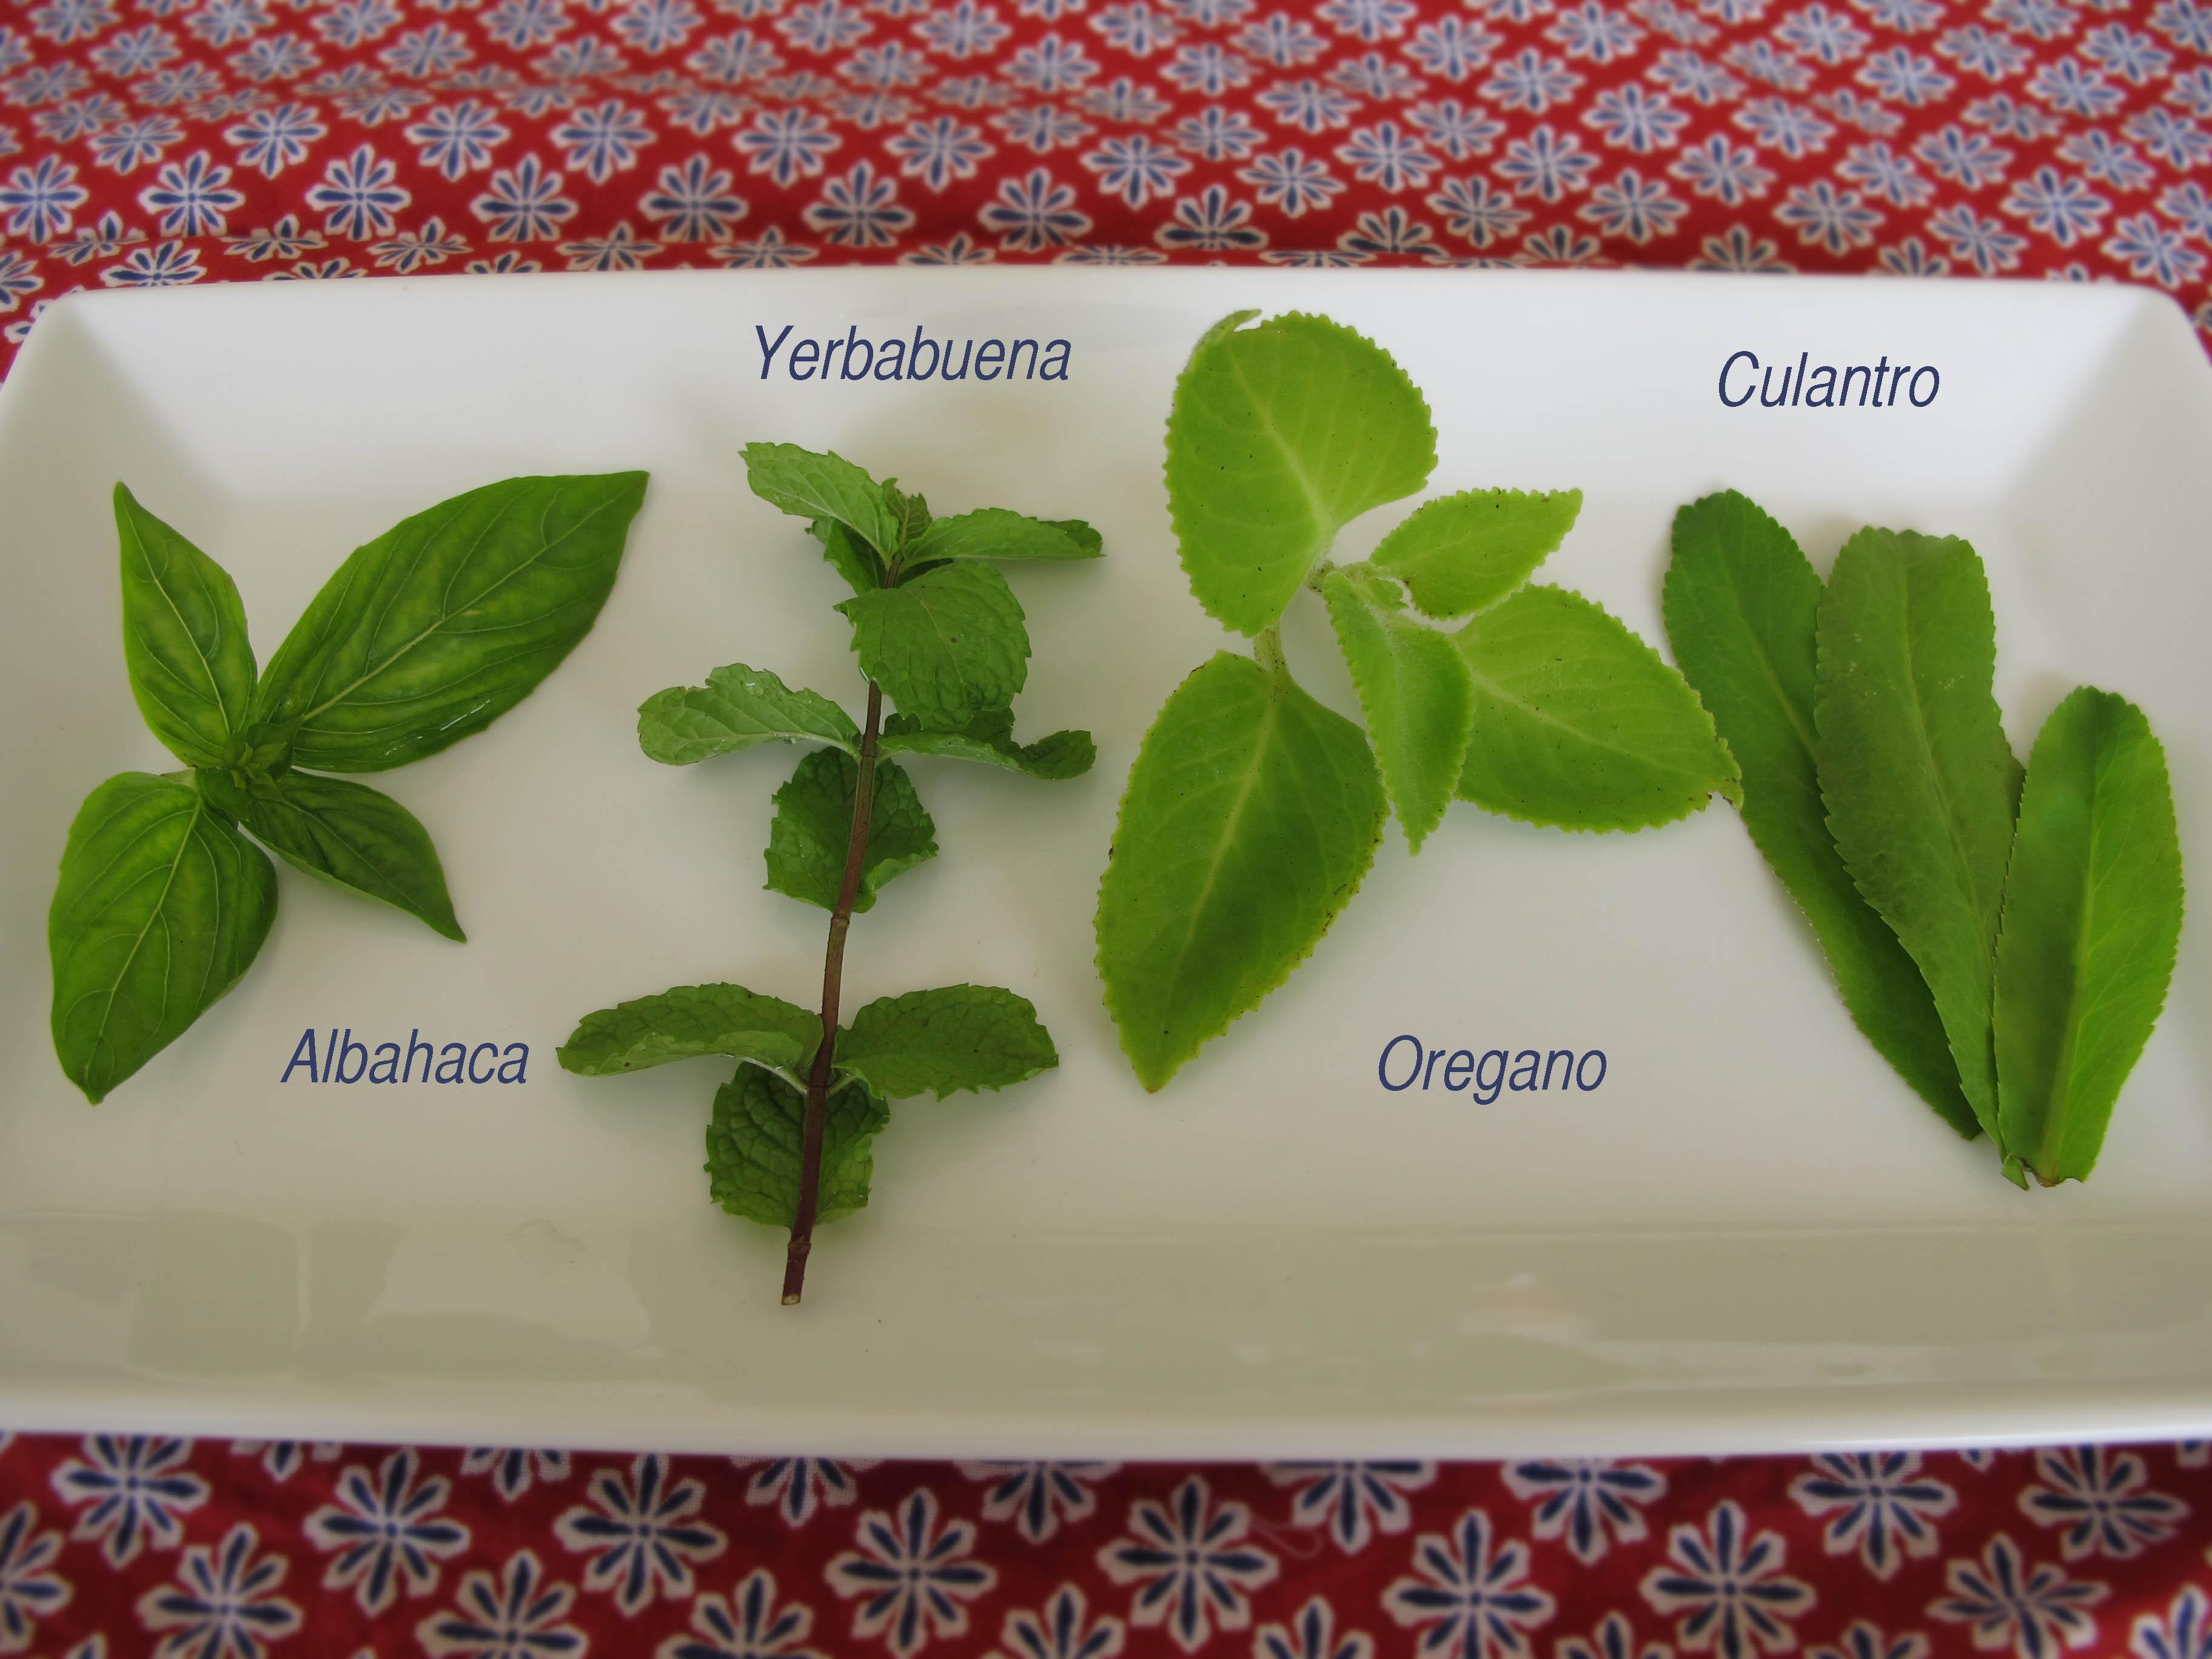 The start of a Nicaraguan herb garden | Short Term Memory